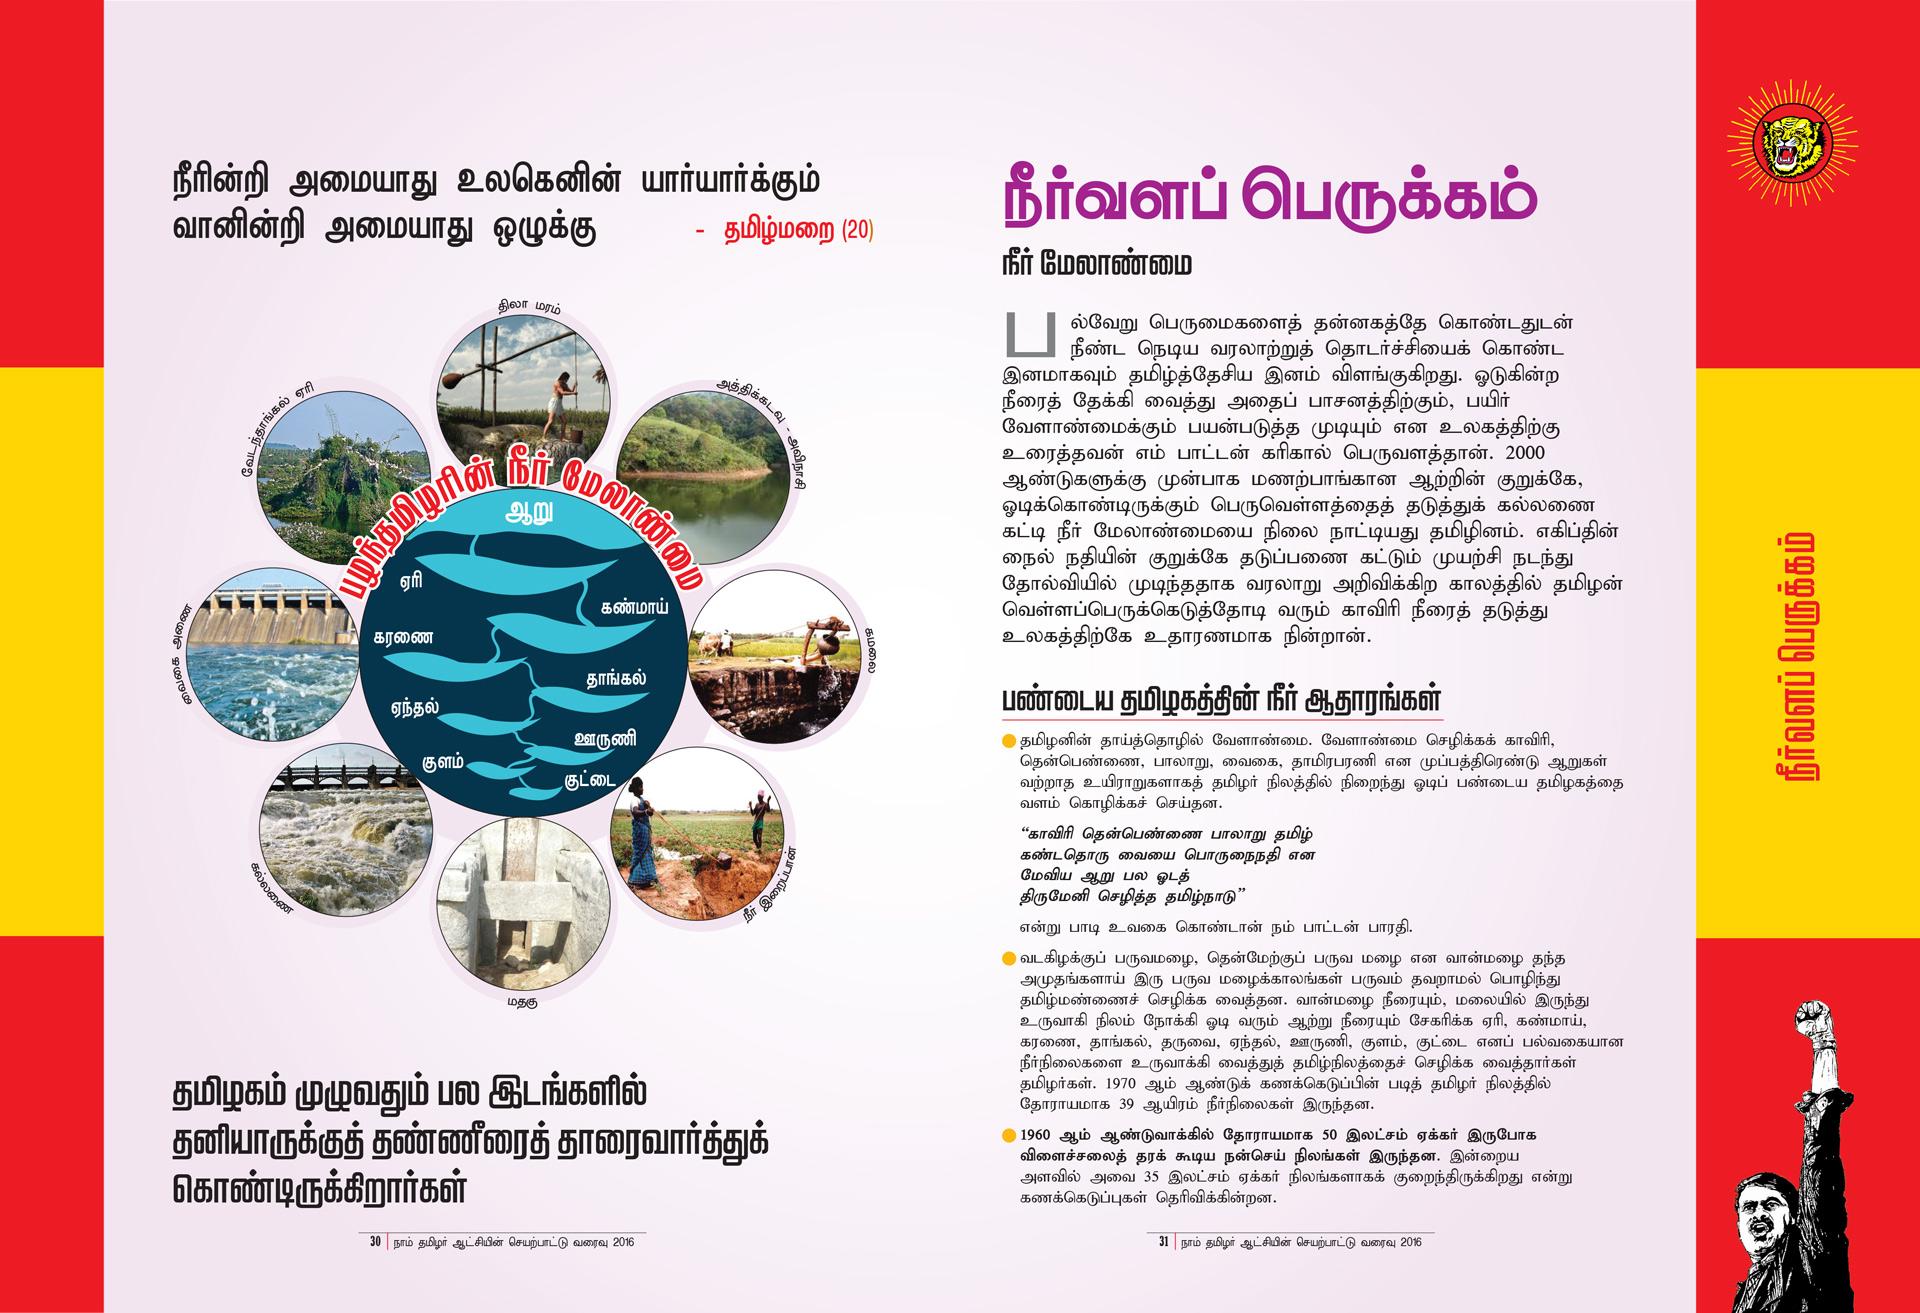 நீர்வளப் பெருக்கம் - நாம் தமிழர் ஆட்சி செயற்பாட்டு வரைவு | மக்களரசு